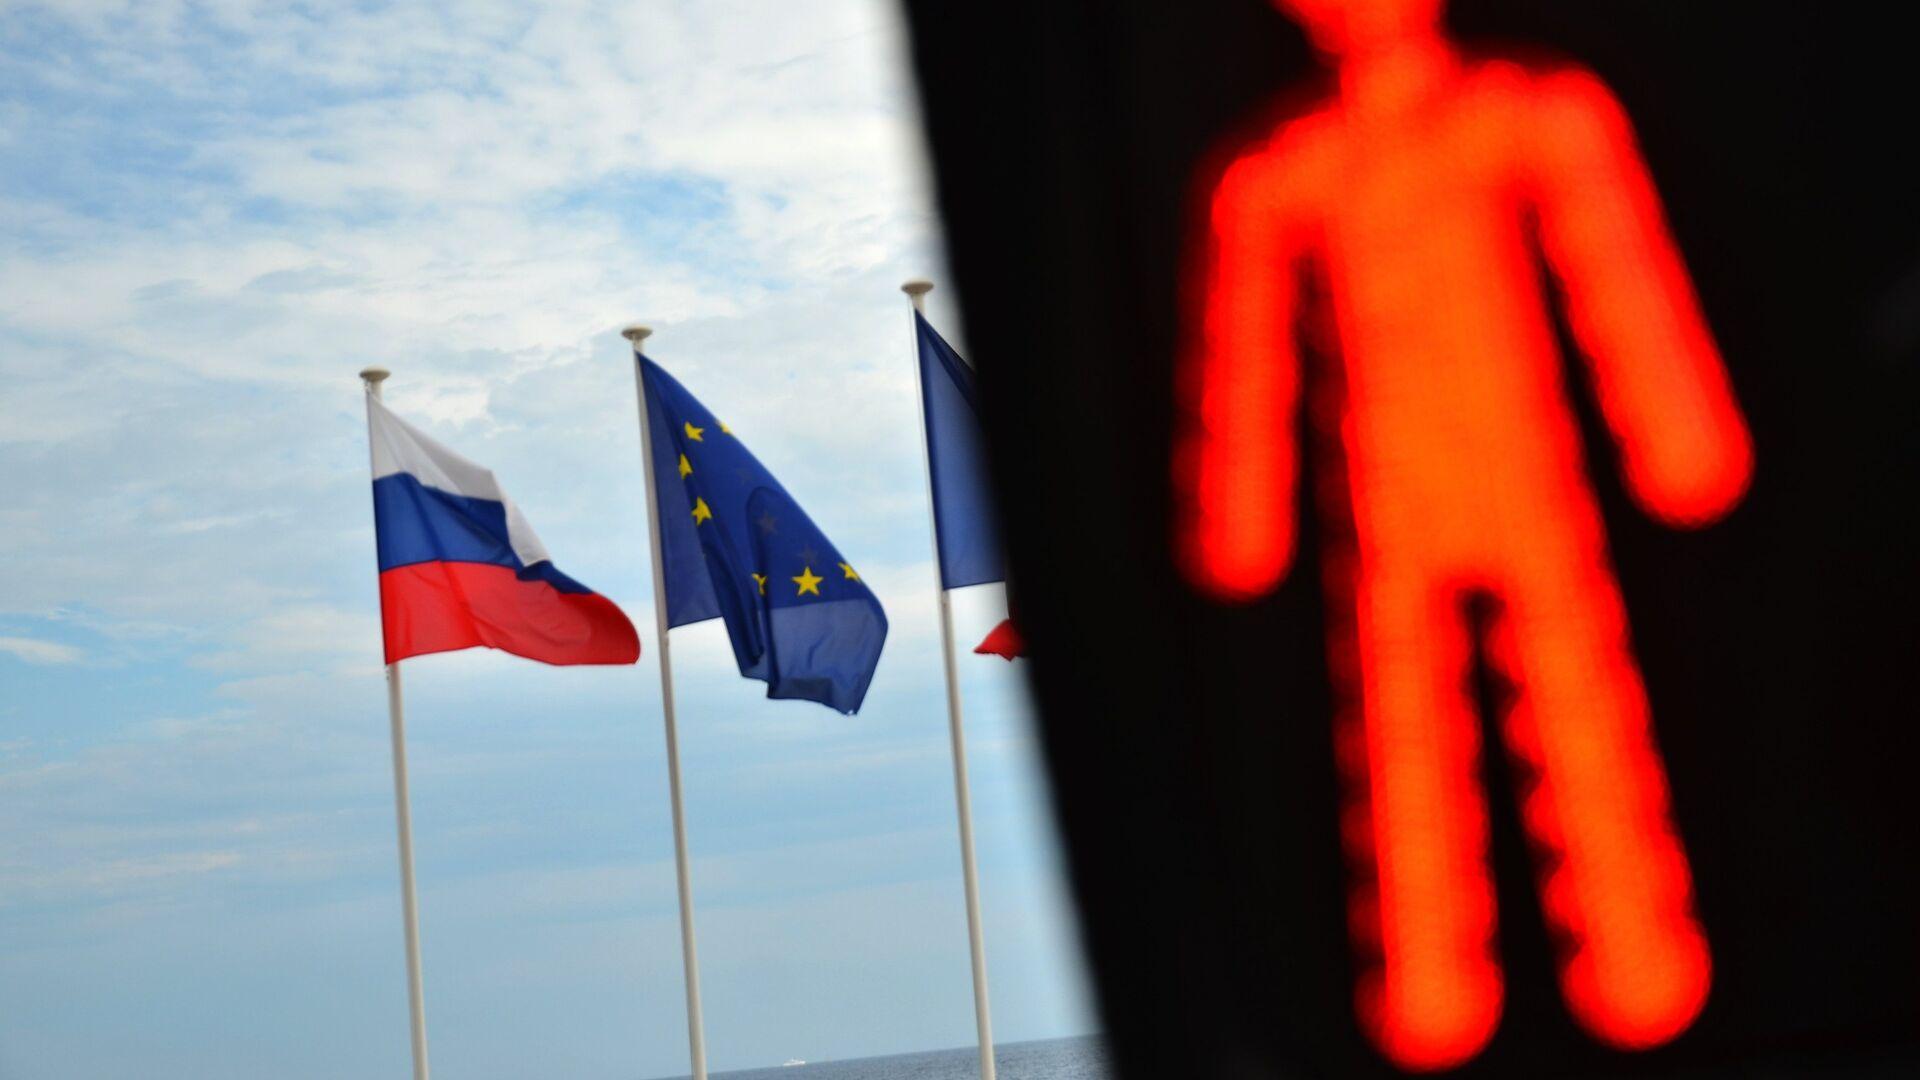 Banderas de Rusia y la UE - Sputnik Mundo, 1920, 23.03.2021